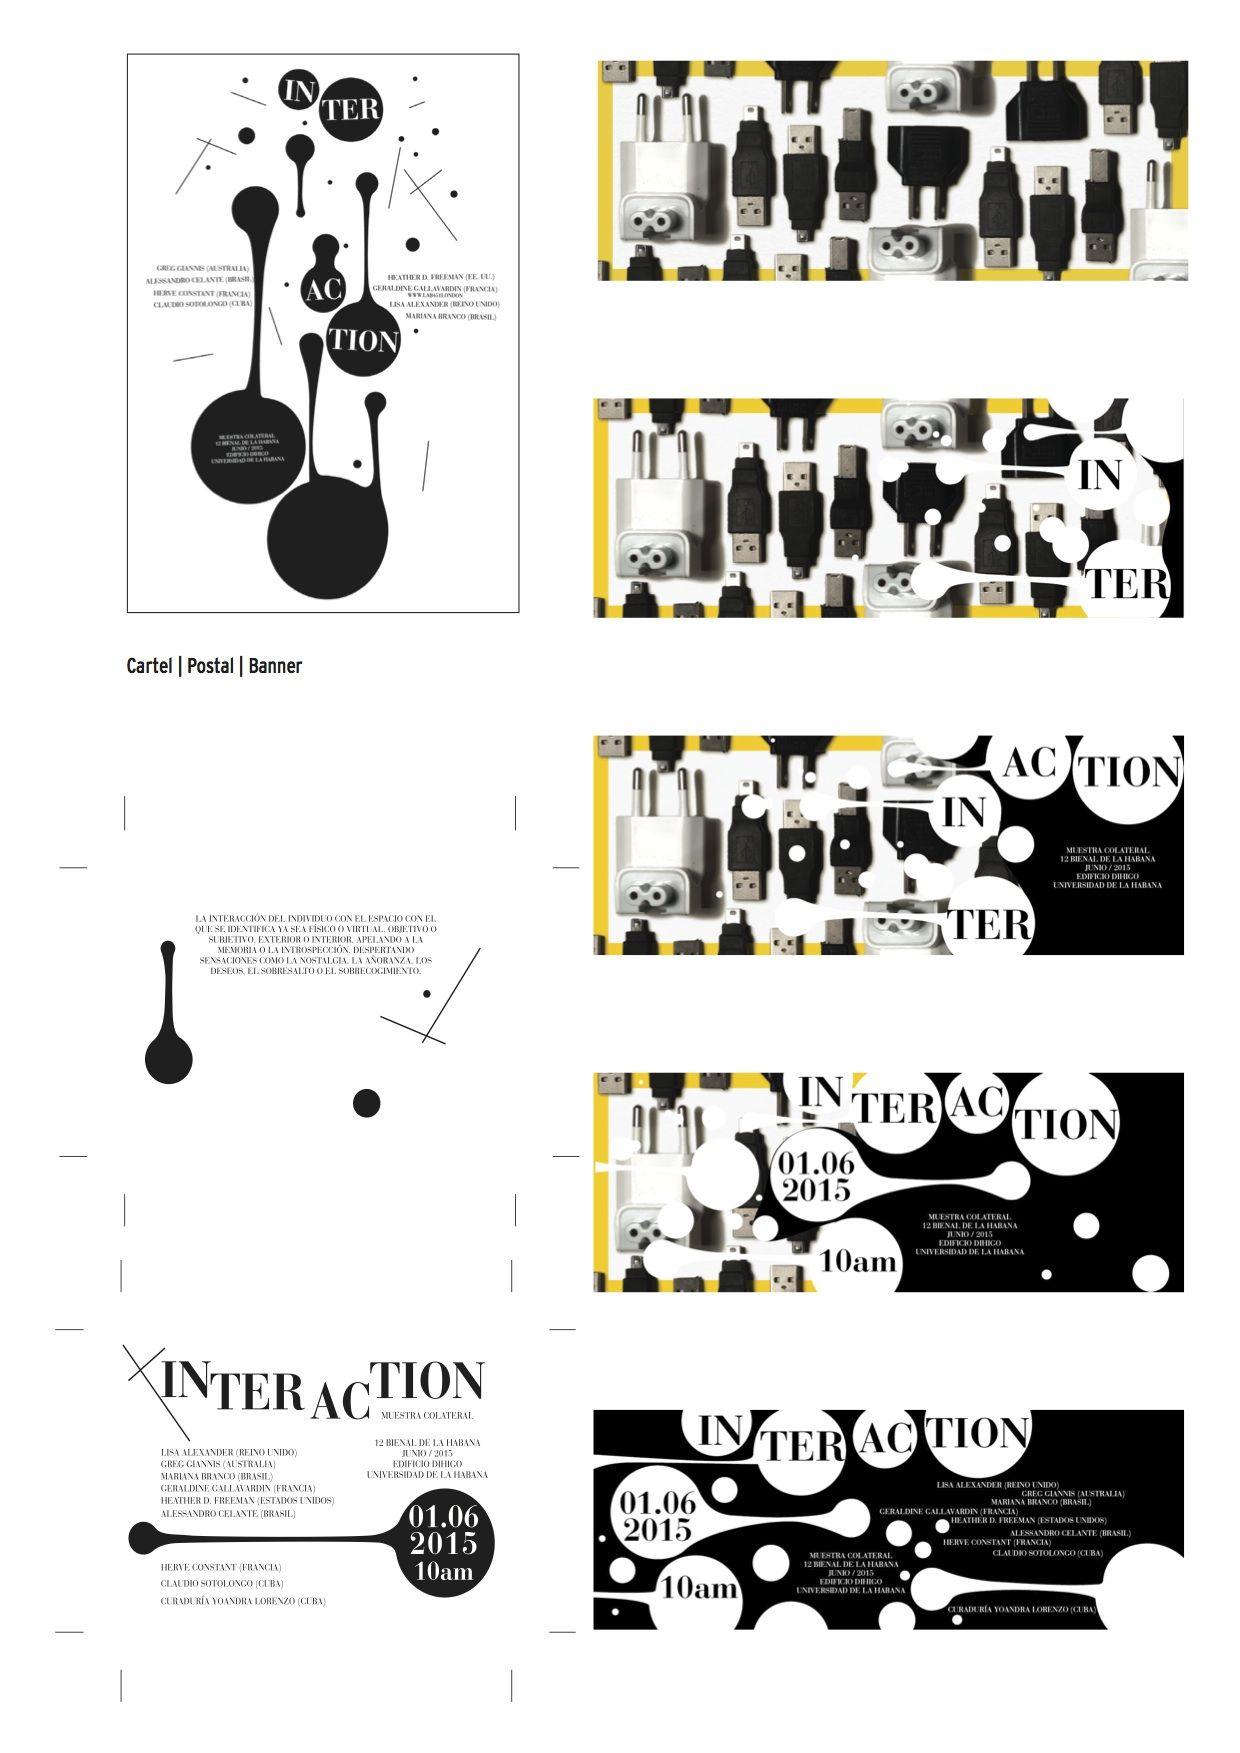 Interaction. diseño integral para exposición colectiva internacional. 12 Bienal de La Habana.